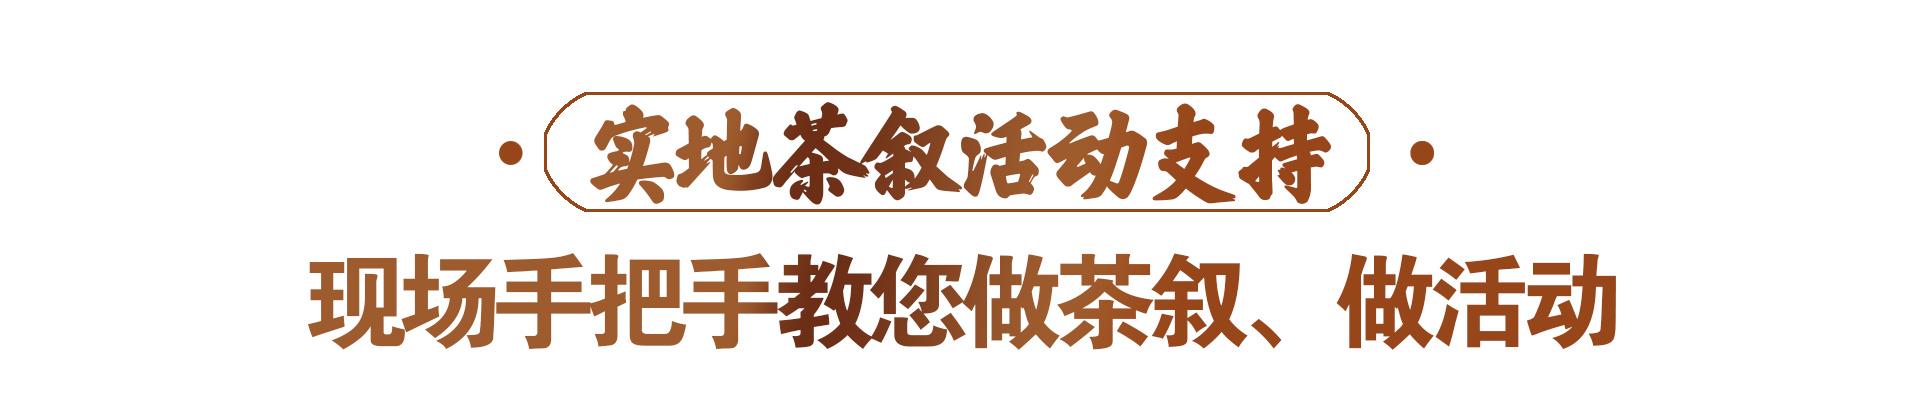 三千茶農sqcn_13